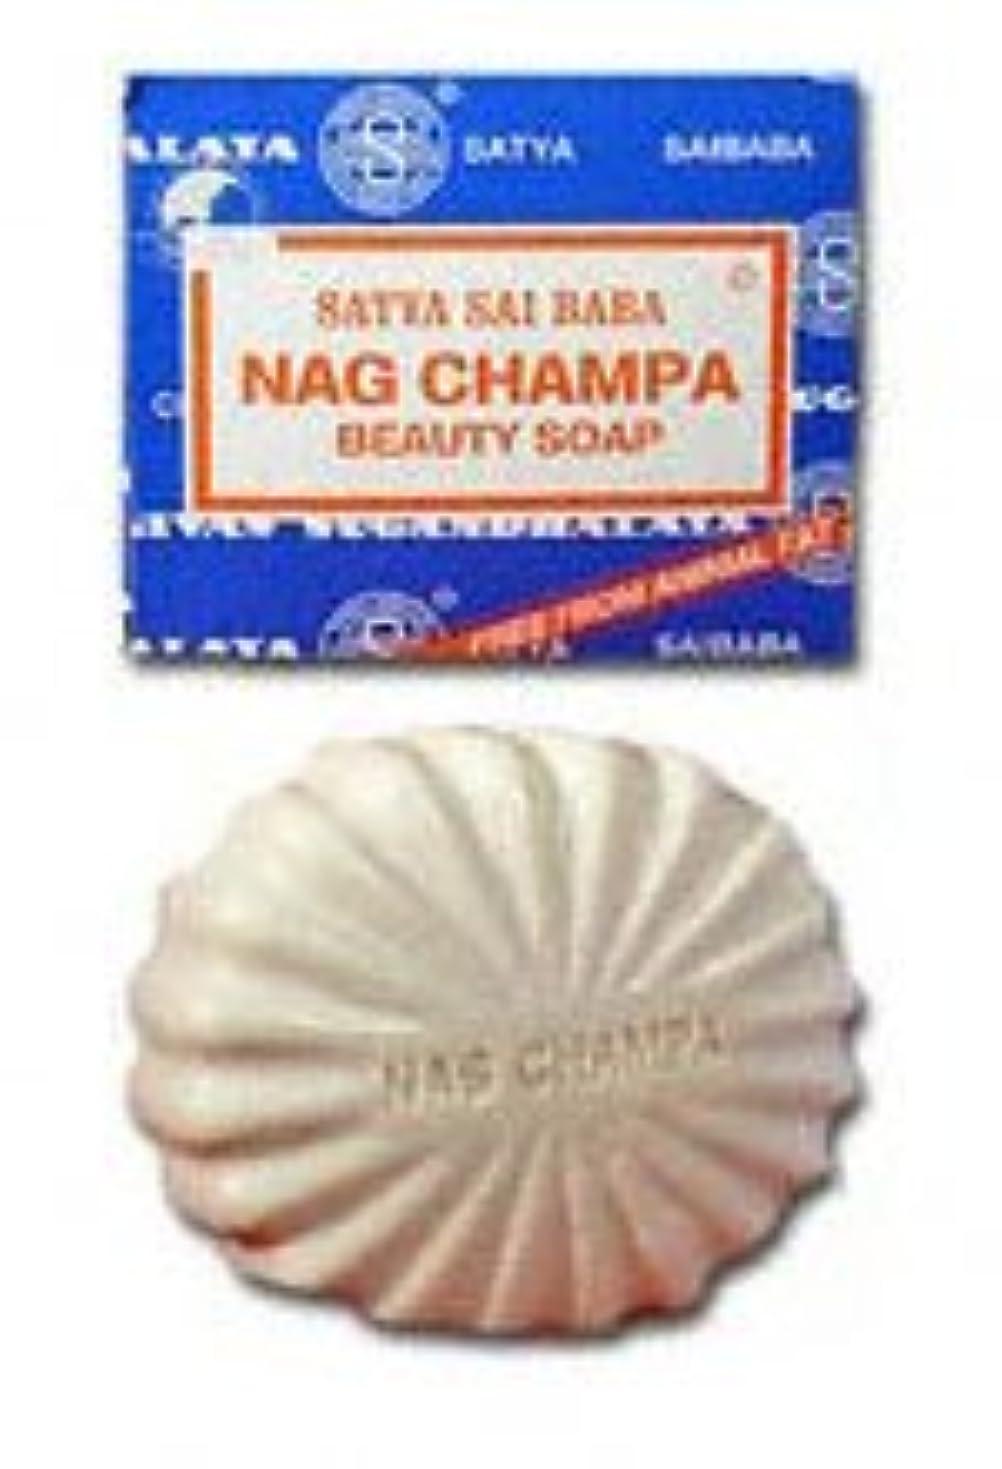 墓地パフアプライアンスNag Champa Beauty Soapボックス